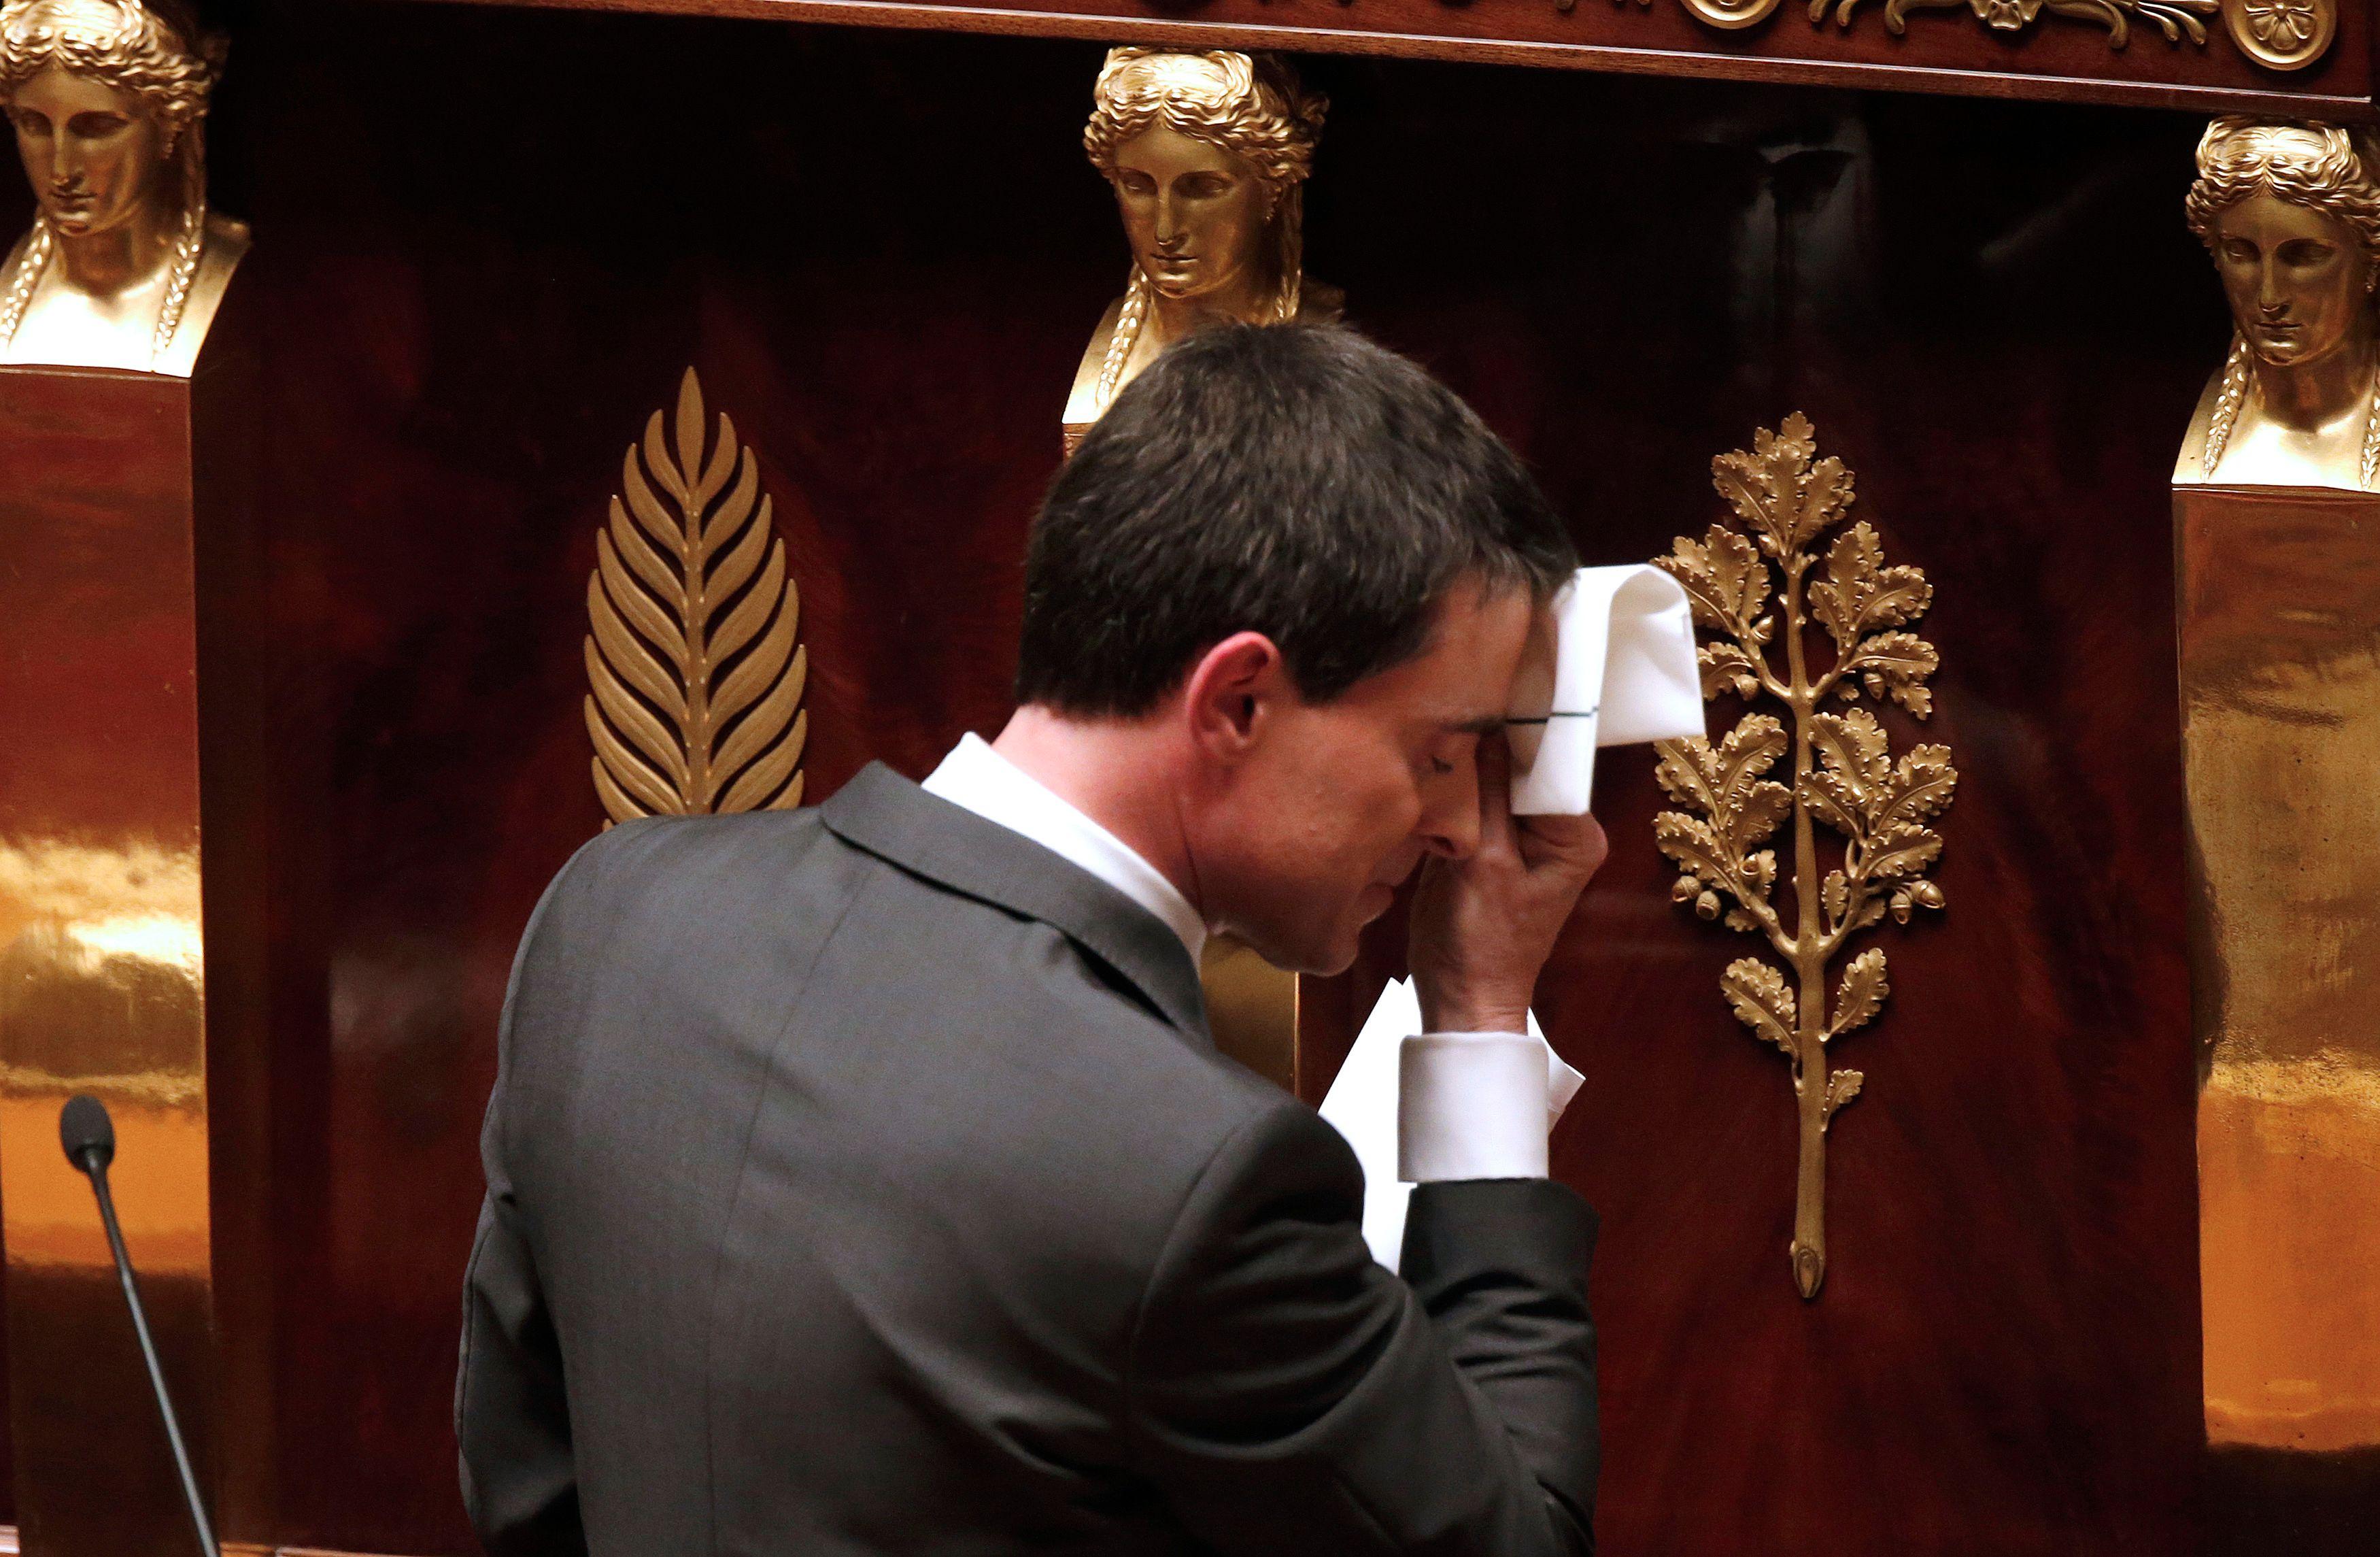 Valls a annoncé ce dimanche qu'il déjeunerait lundi avec François Hollande et qu'il prendrait ses responsabilités. L'affrontement commence entre les deux hommes, et avec un peu de chance, Hollande finira son mandat sans Premier ministre, et bien seul.